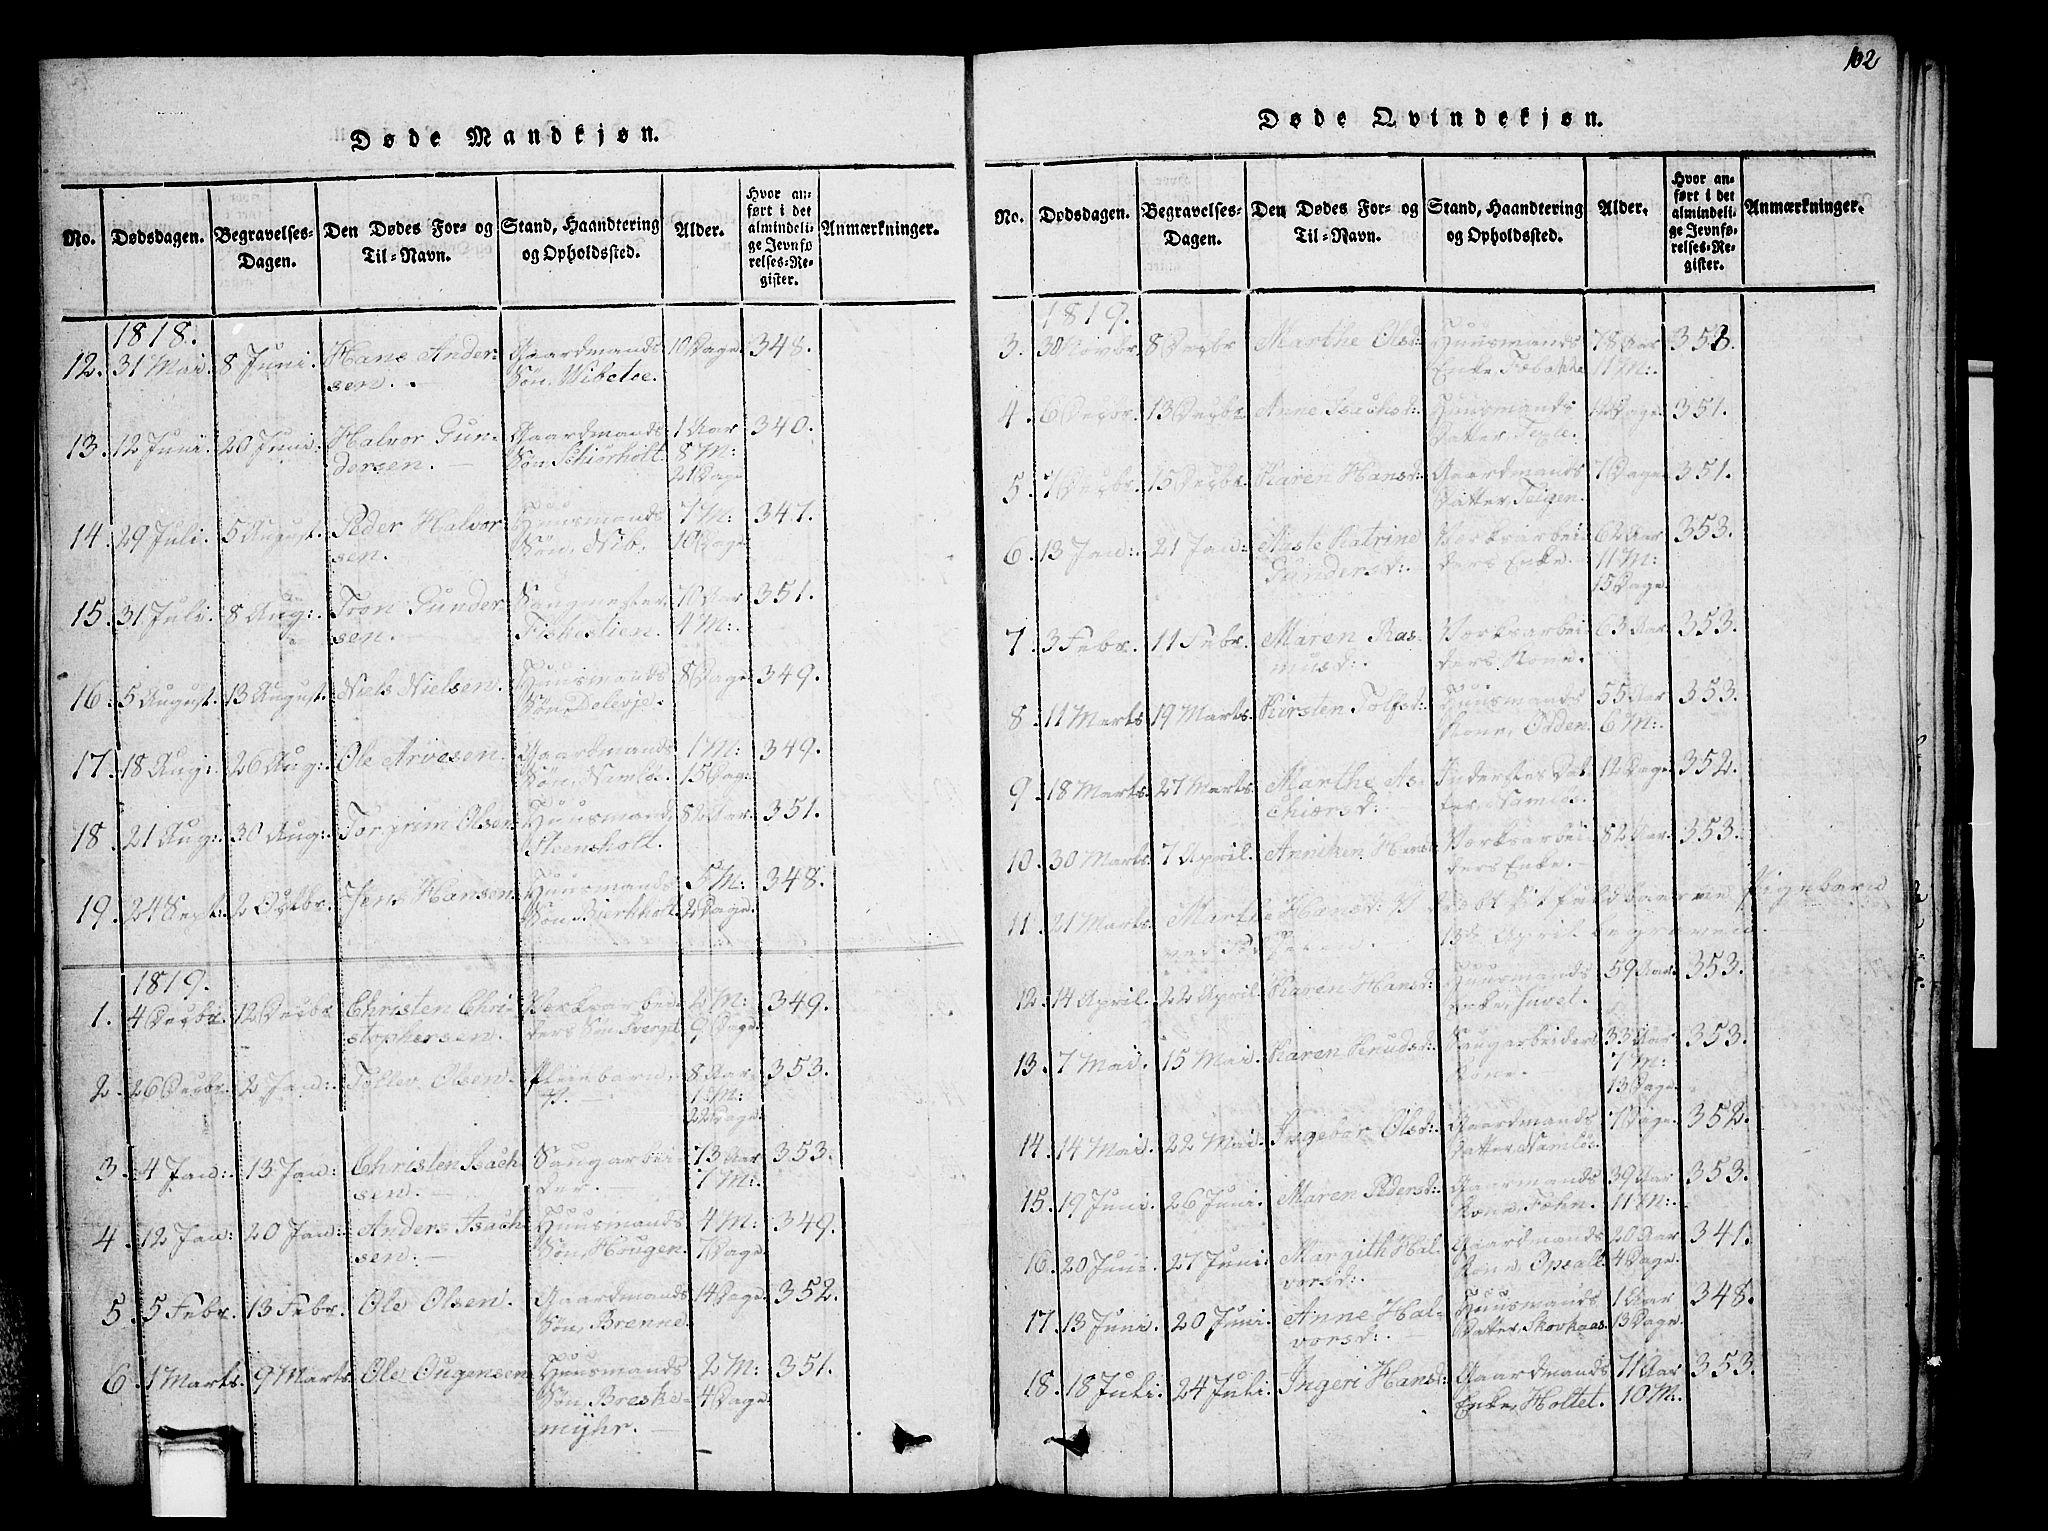 SAKO, Holla kirkebøker, G/Ga/L0001: Klokkerbok nr. I 1, 1814-1830, s. 102